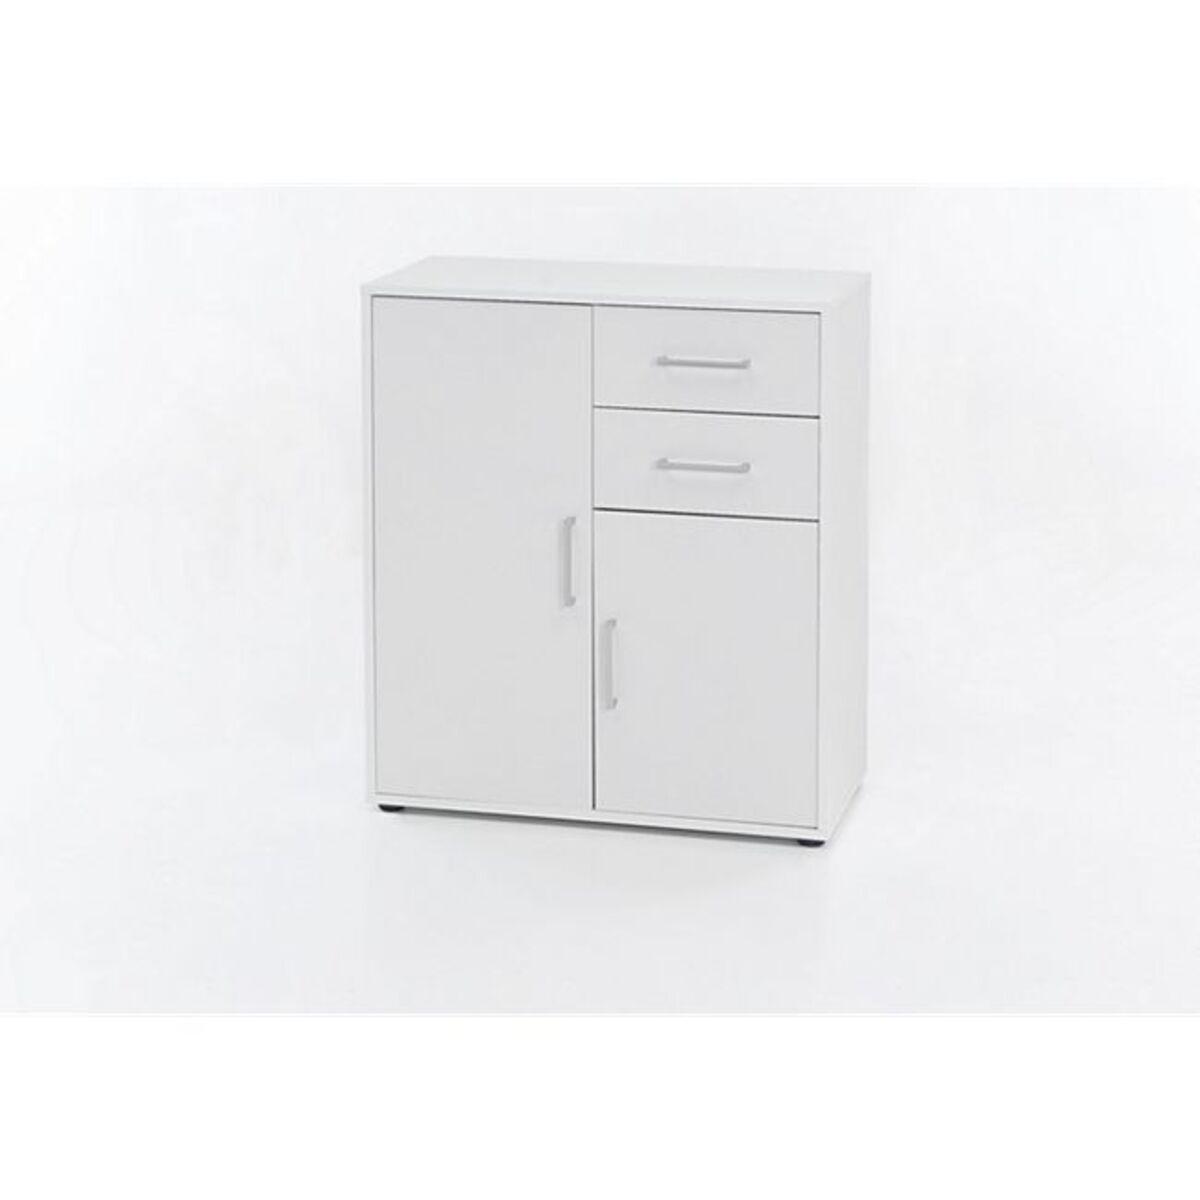 Bild 1 von Kommode mit 2 Türen und 2 Schubladen, Ausf. Melamin Weiß Dekor